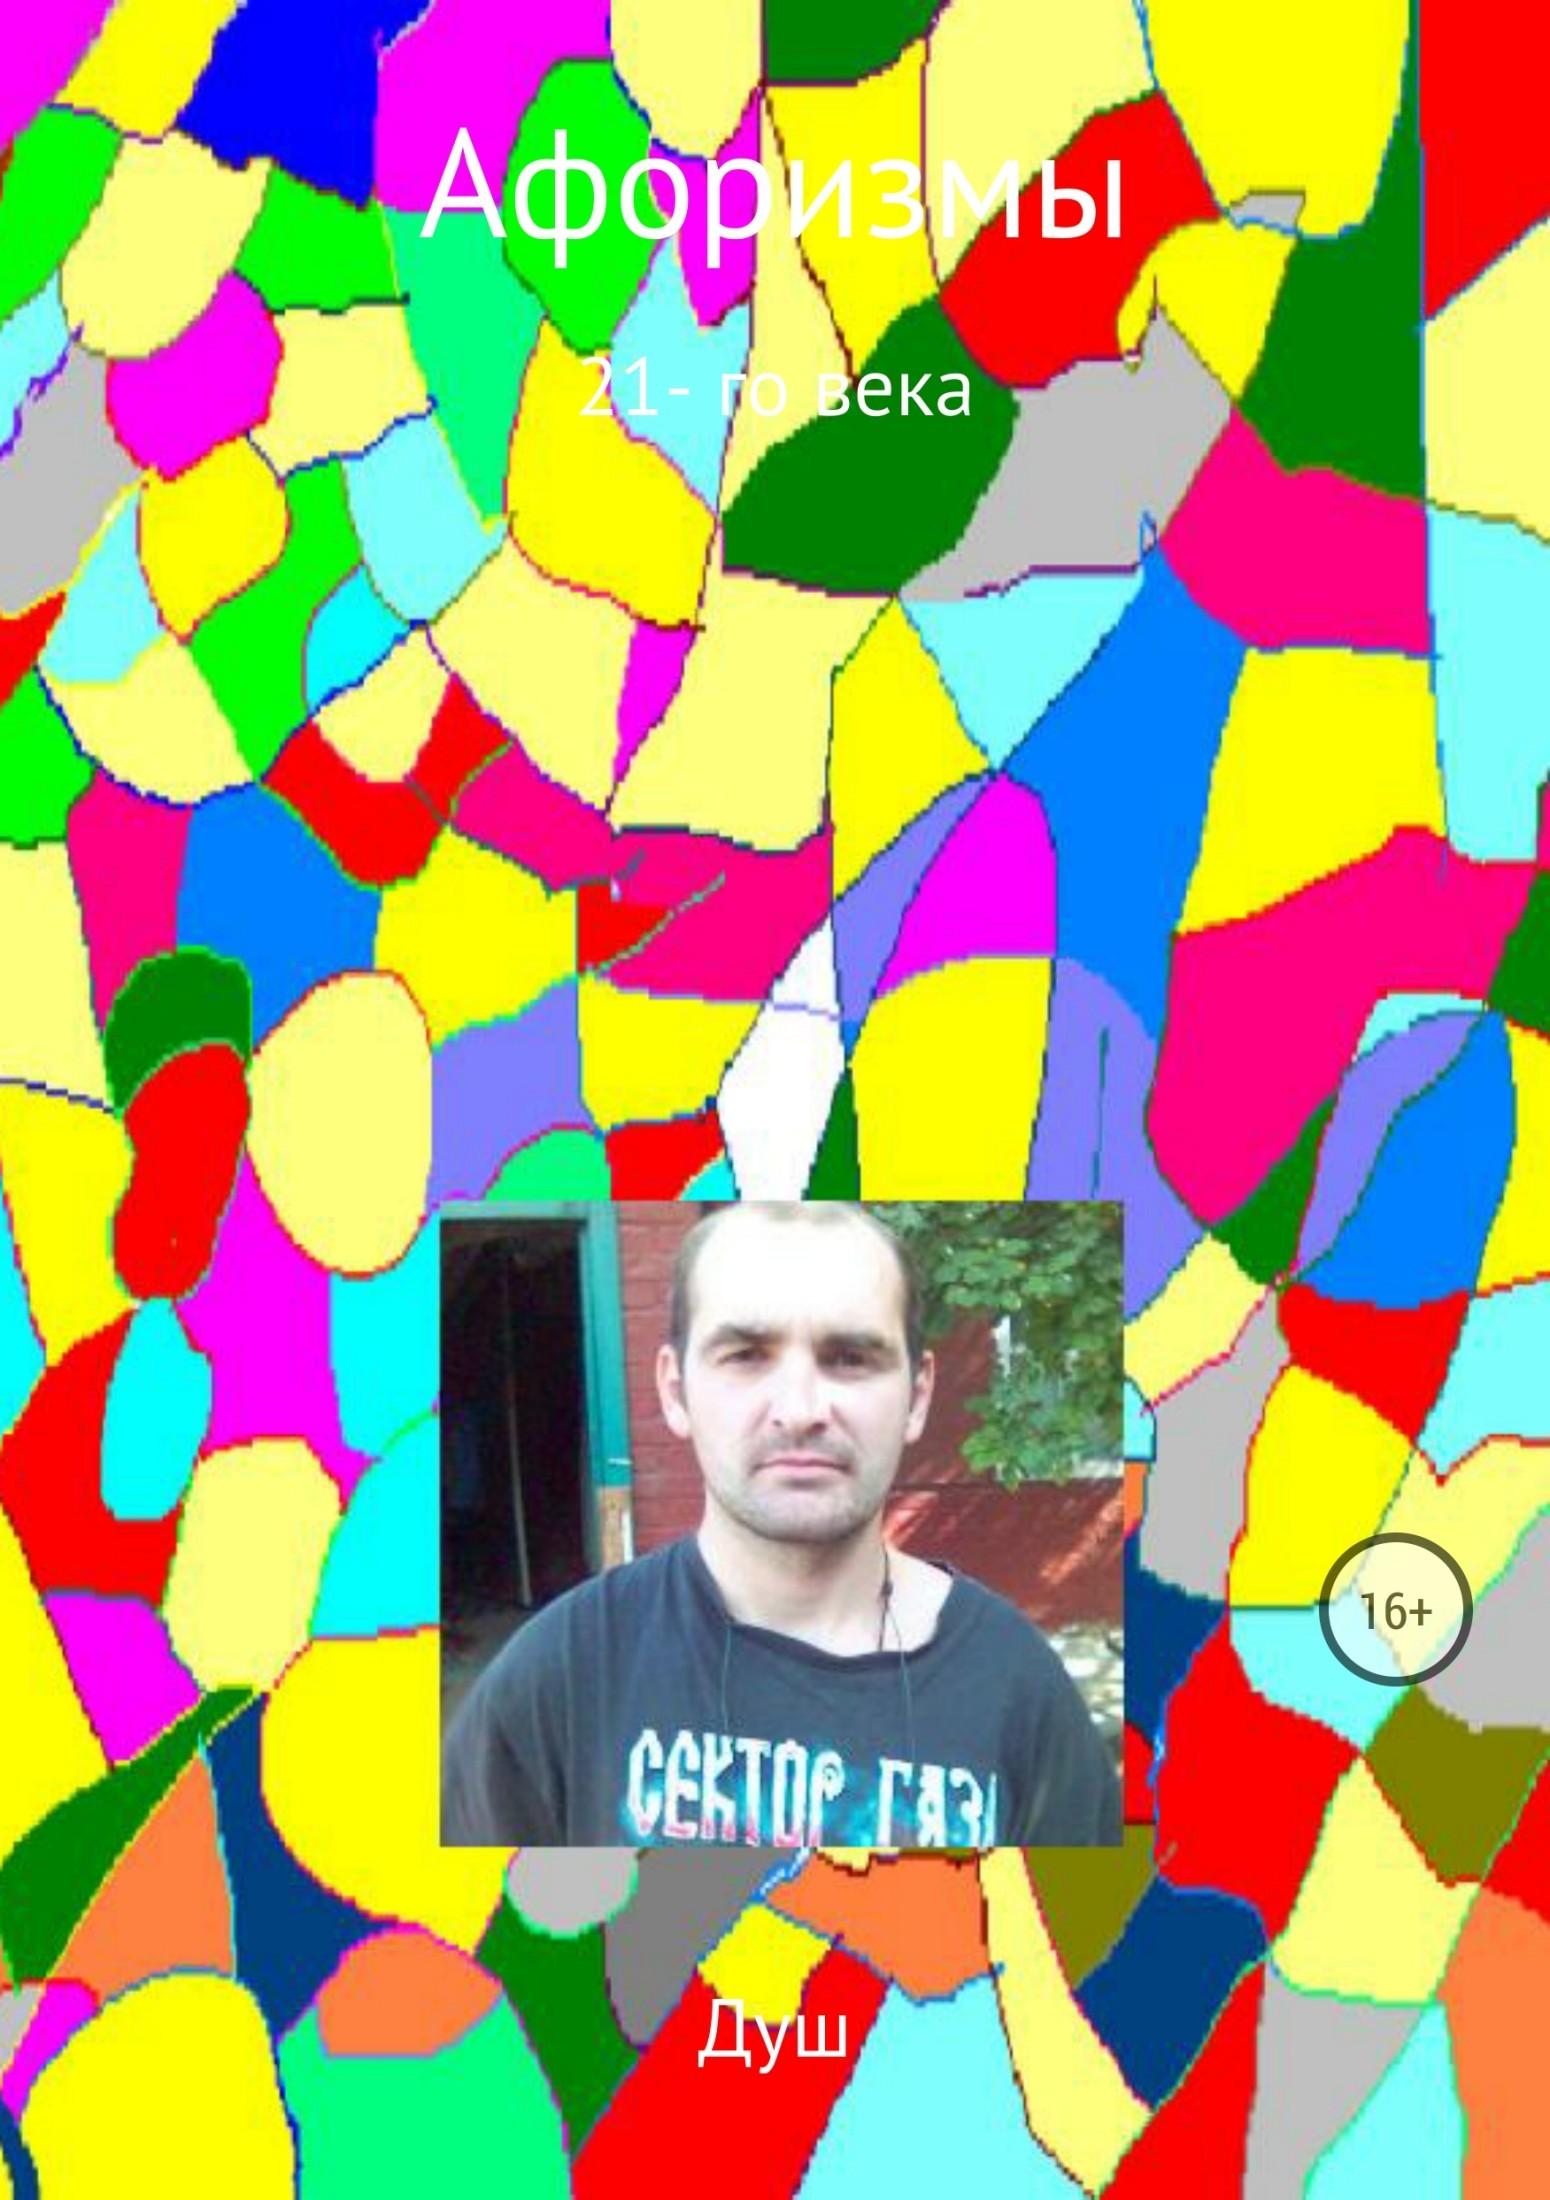 Роман Иванович Кирнасов Афоризмы 21 века хьюмс джеймс правила черчилля идеи наблюдения афоризмы